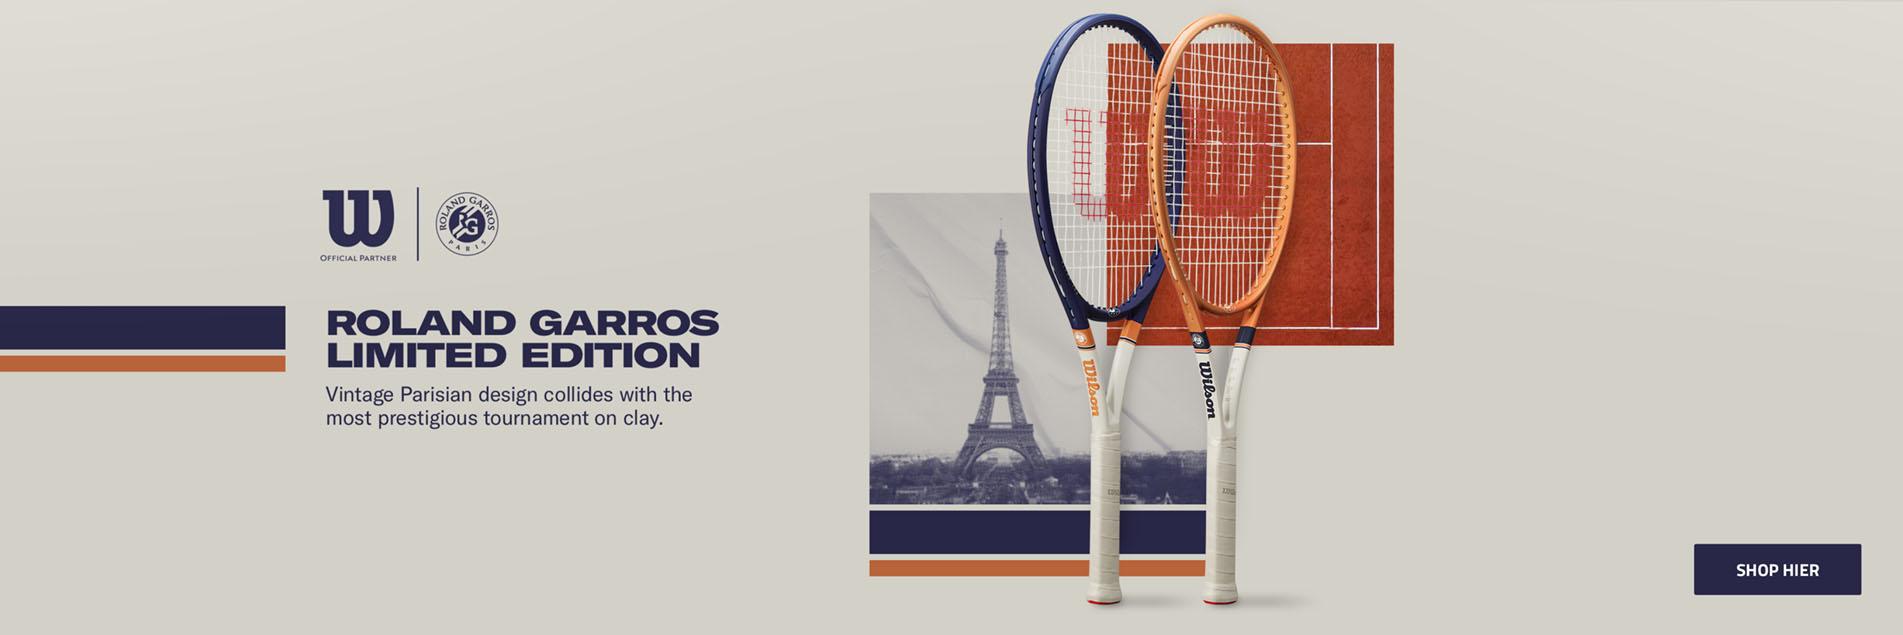 Wilson x Roland Garros